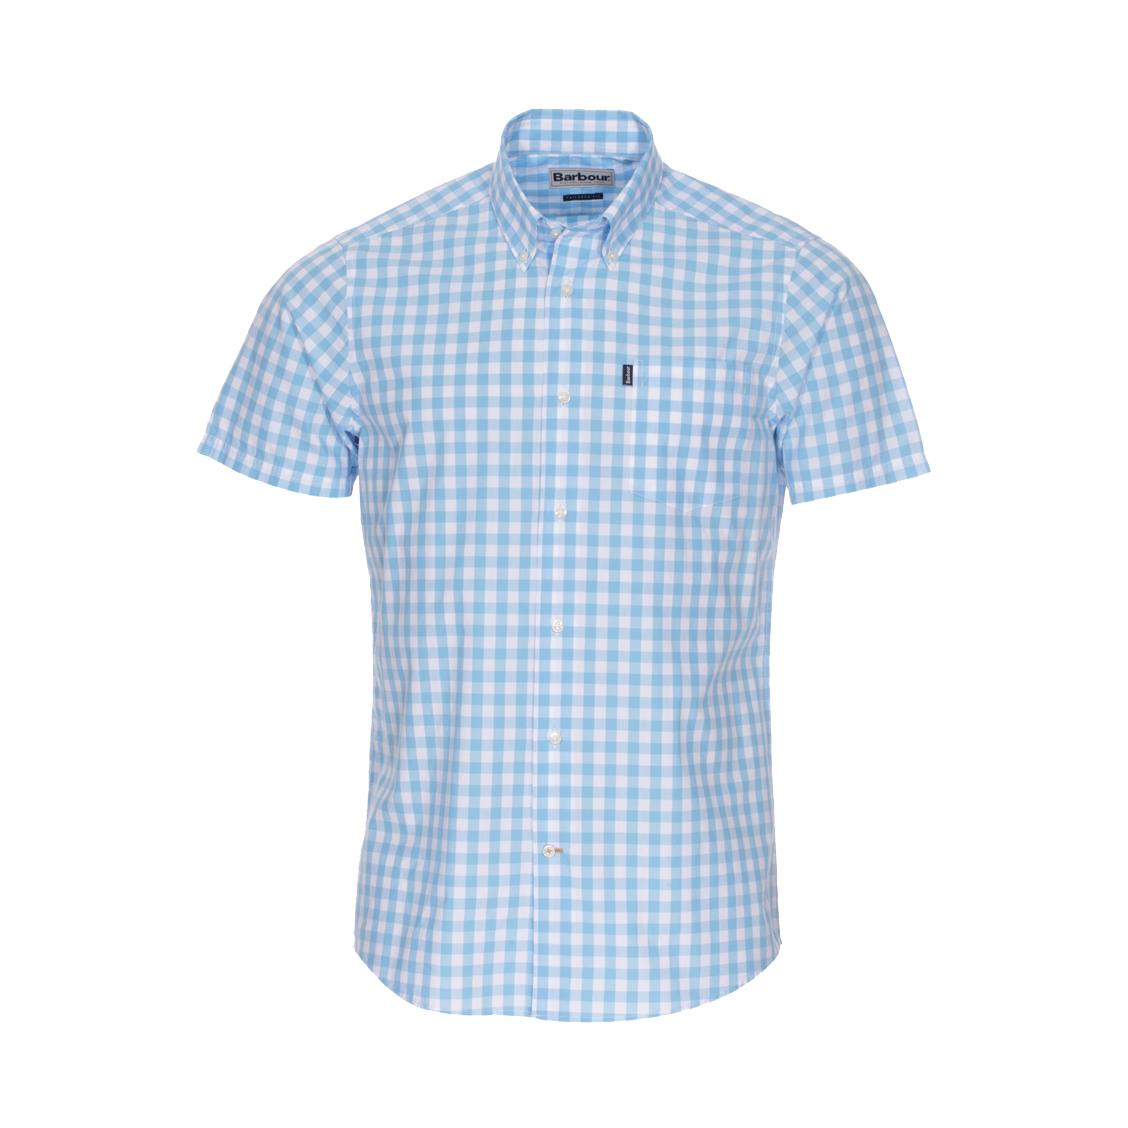 Chemise ajustée manches courtes Barbour en coton à carreaux bleu azur et blancs